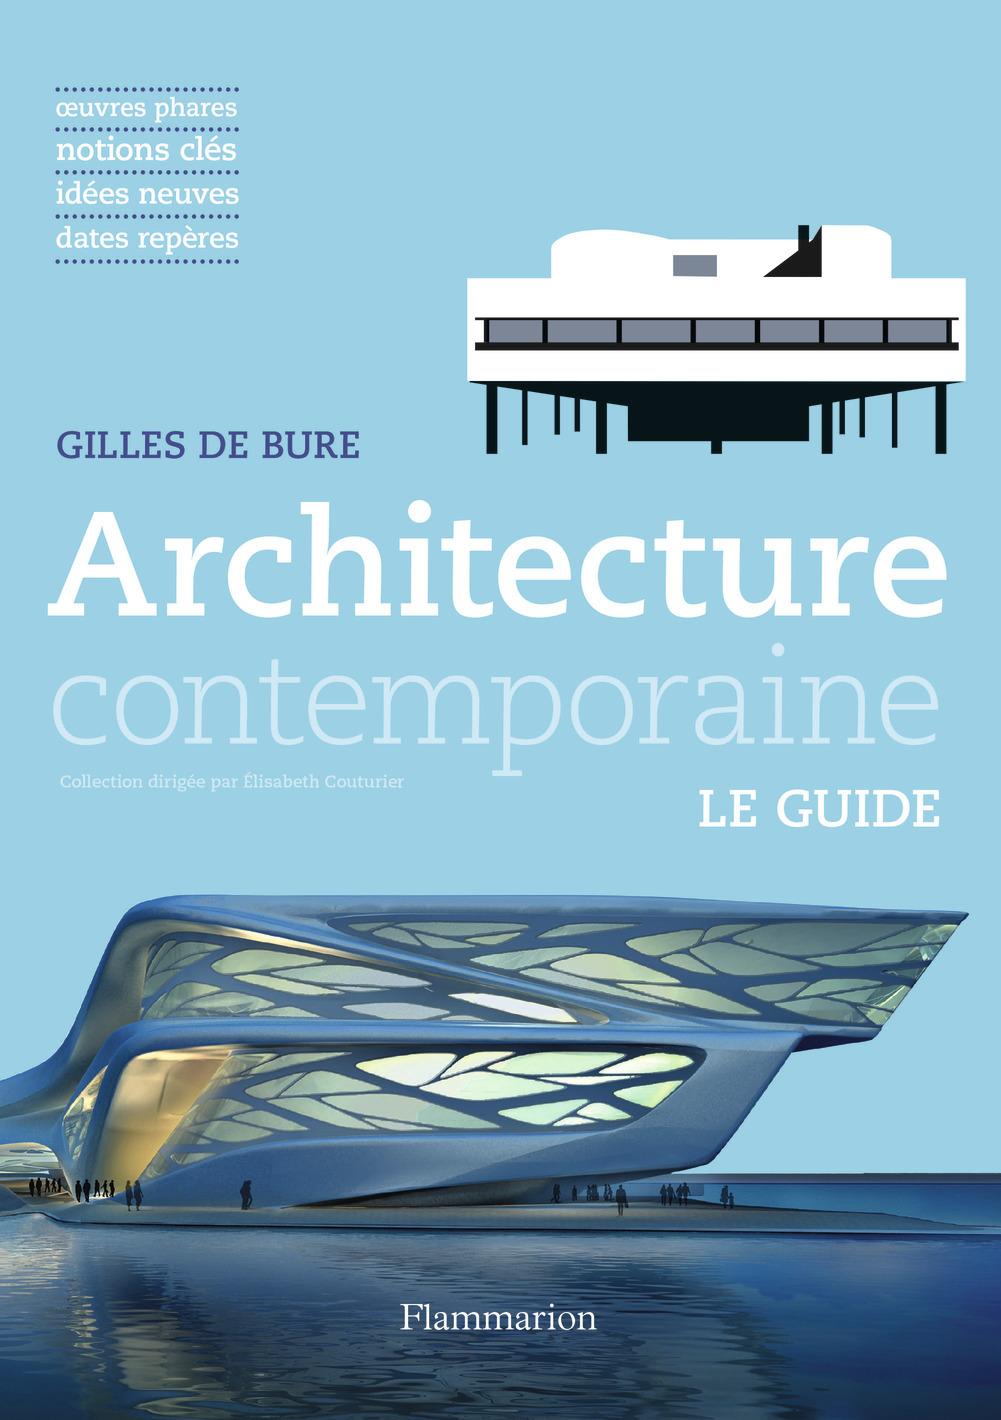 ARCHITECTURE CONTEMPORAINE - LE GUIDE